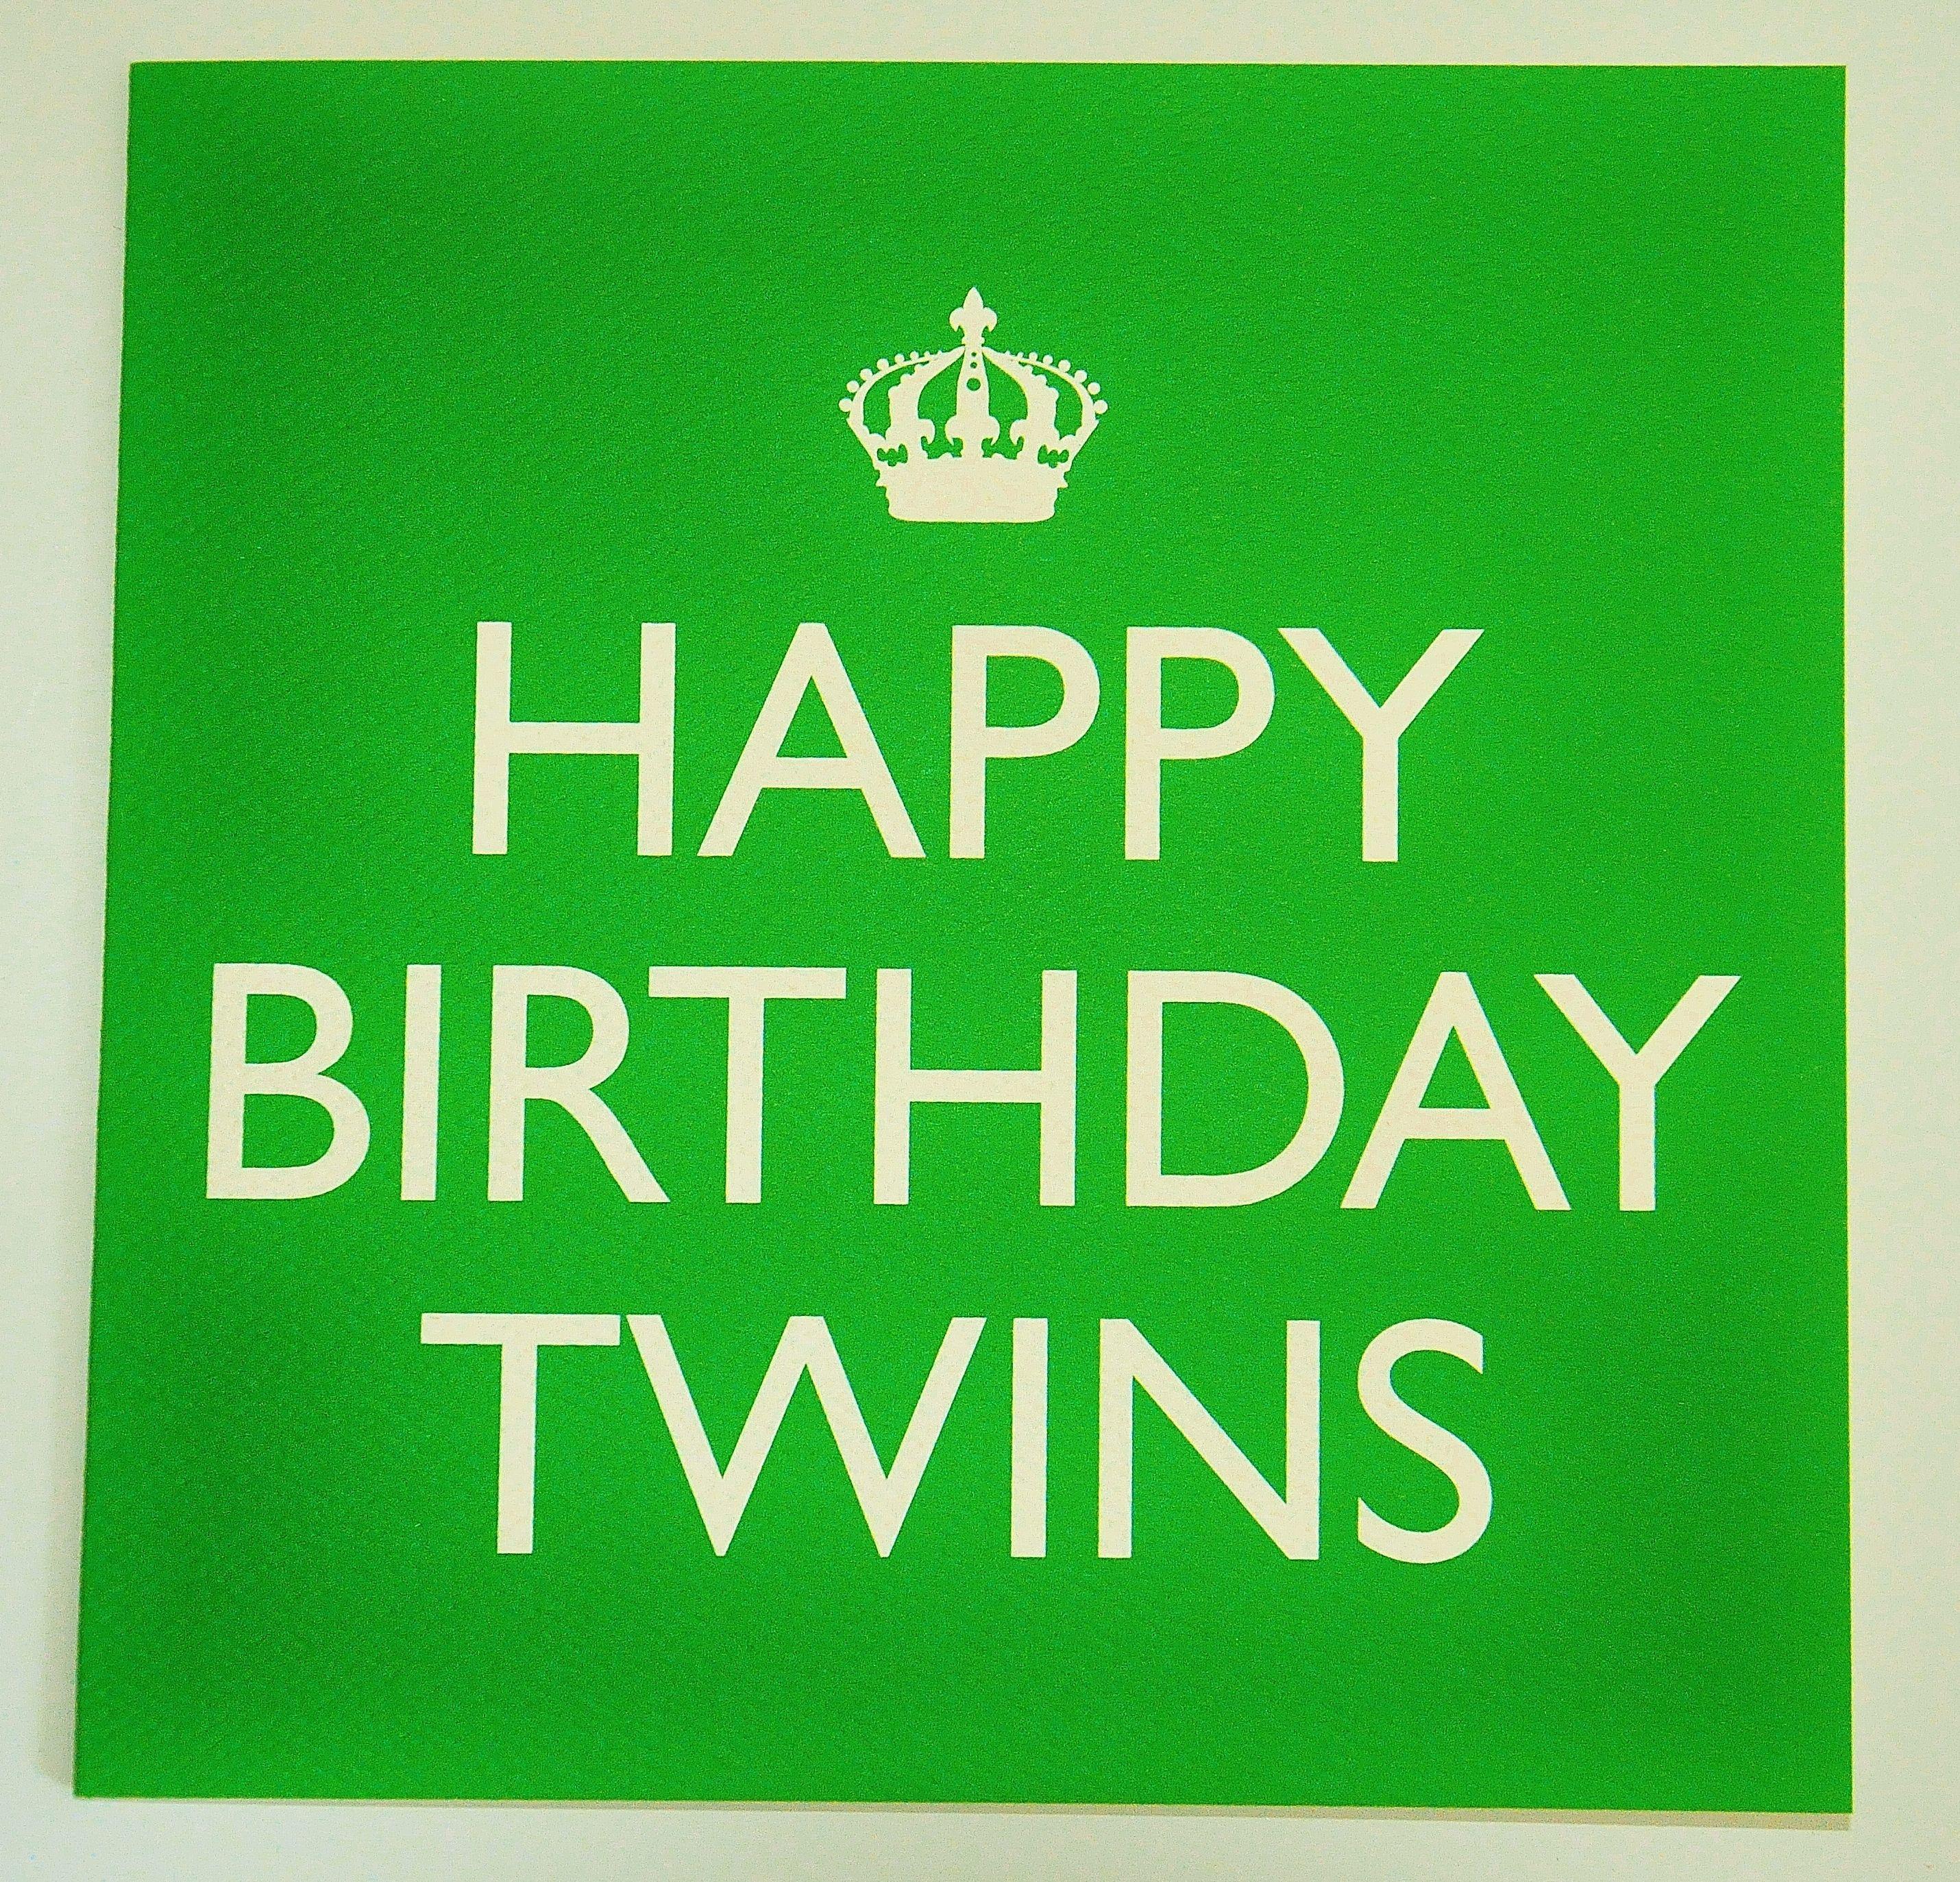 Geburtstagswünsche Für Zwillinge  Lustige Geburtstagswünsche Für Zwillinge droitshumainsfo